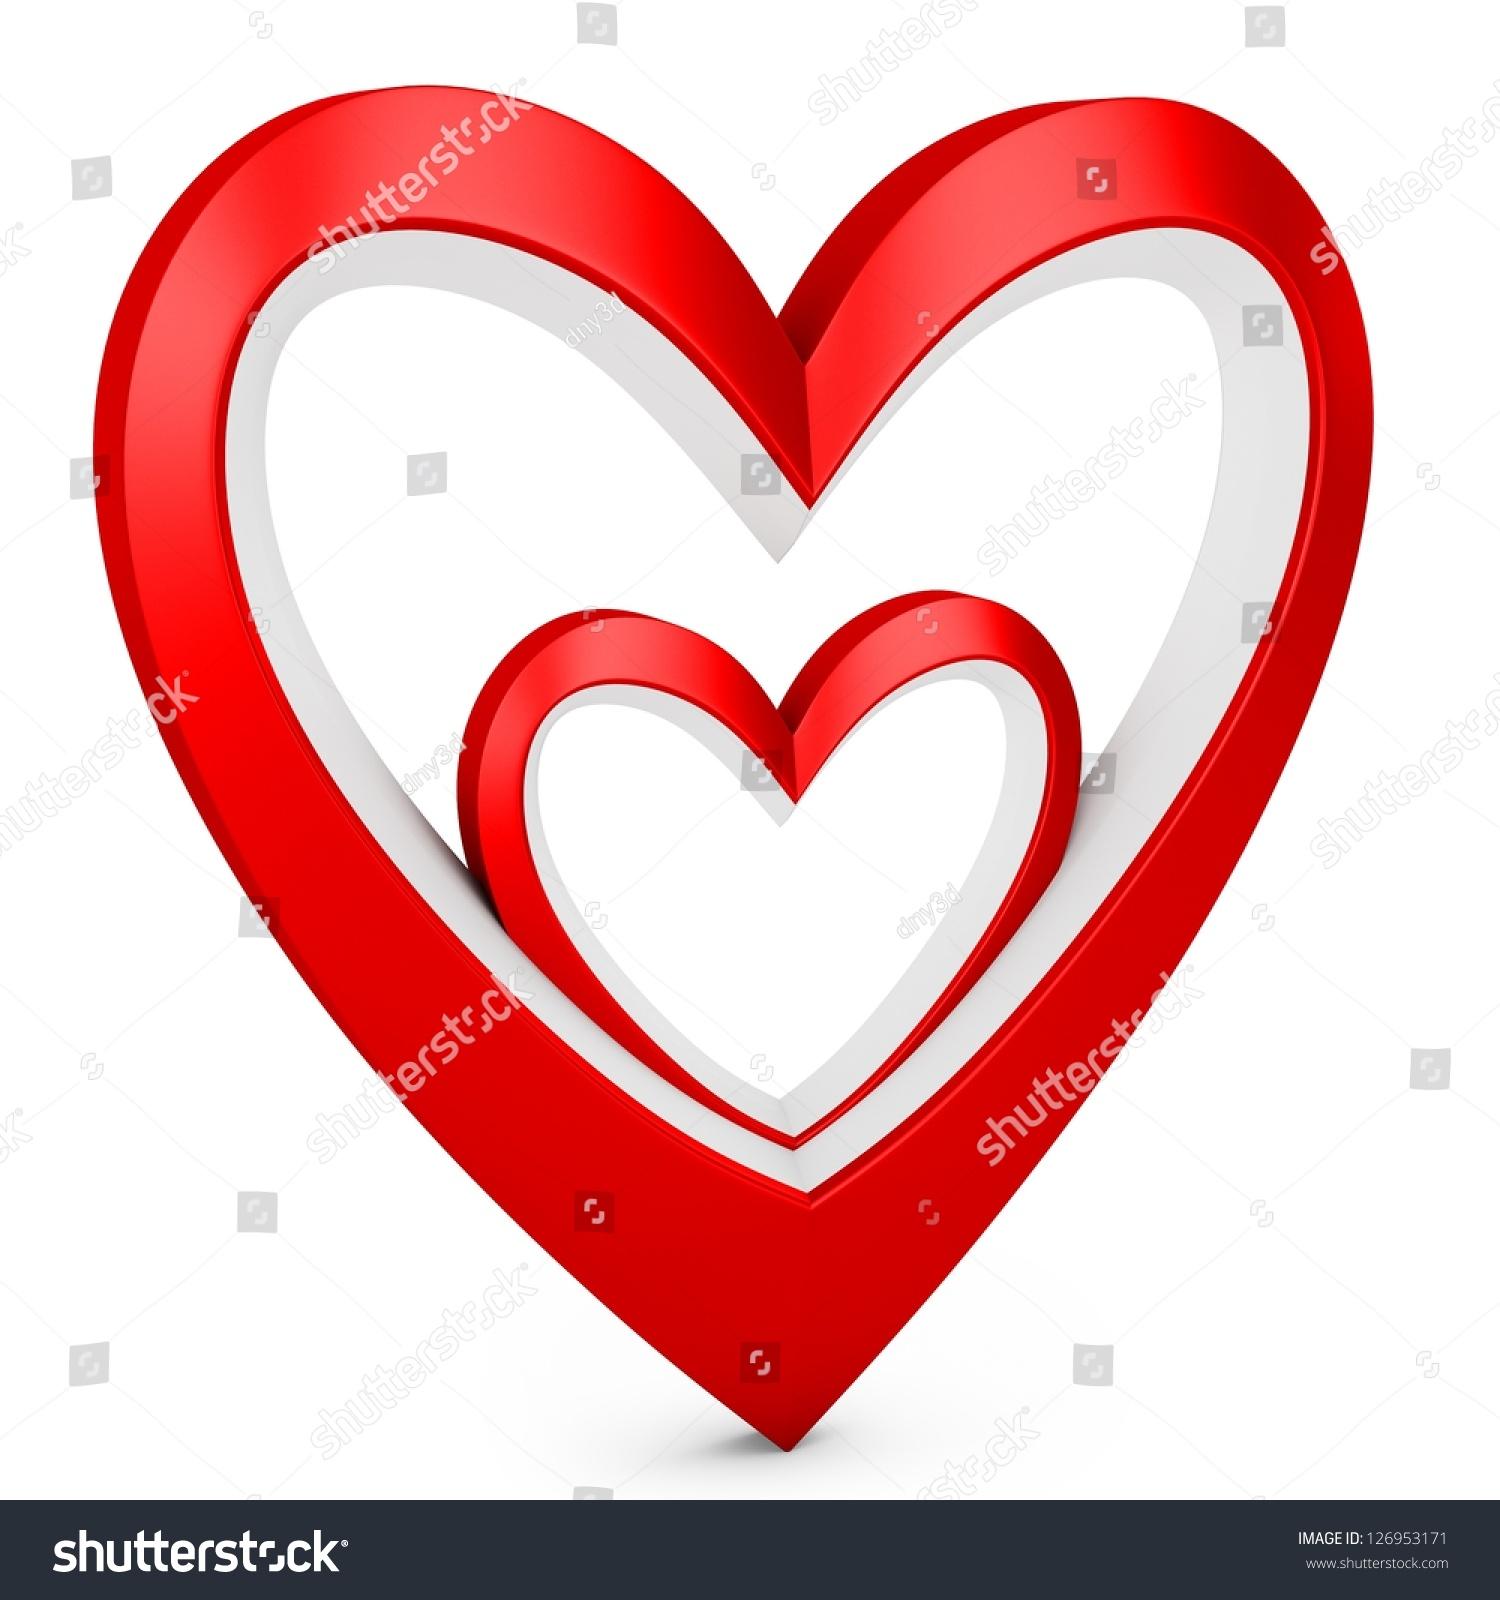 3d heart logo